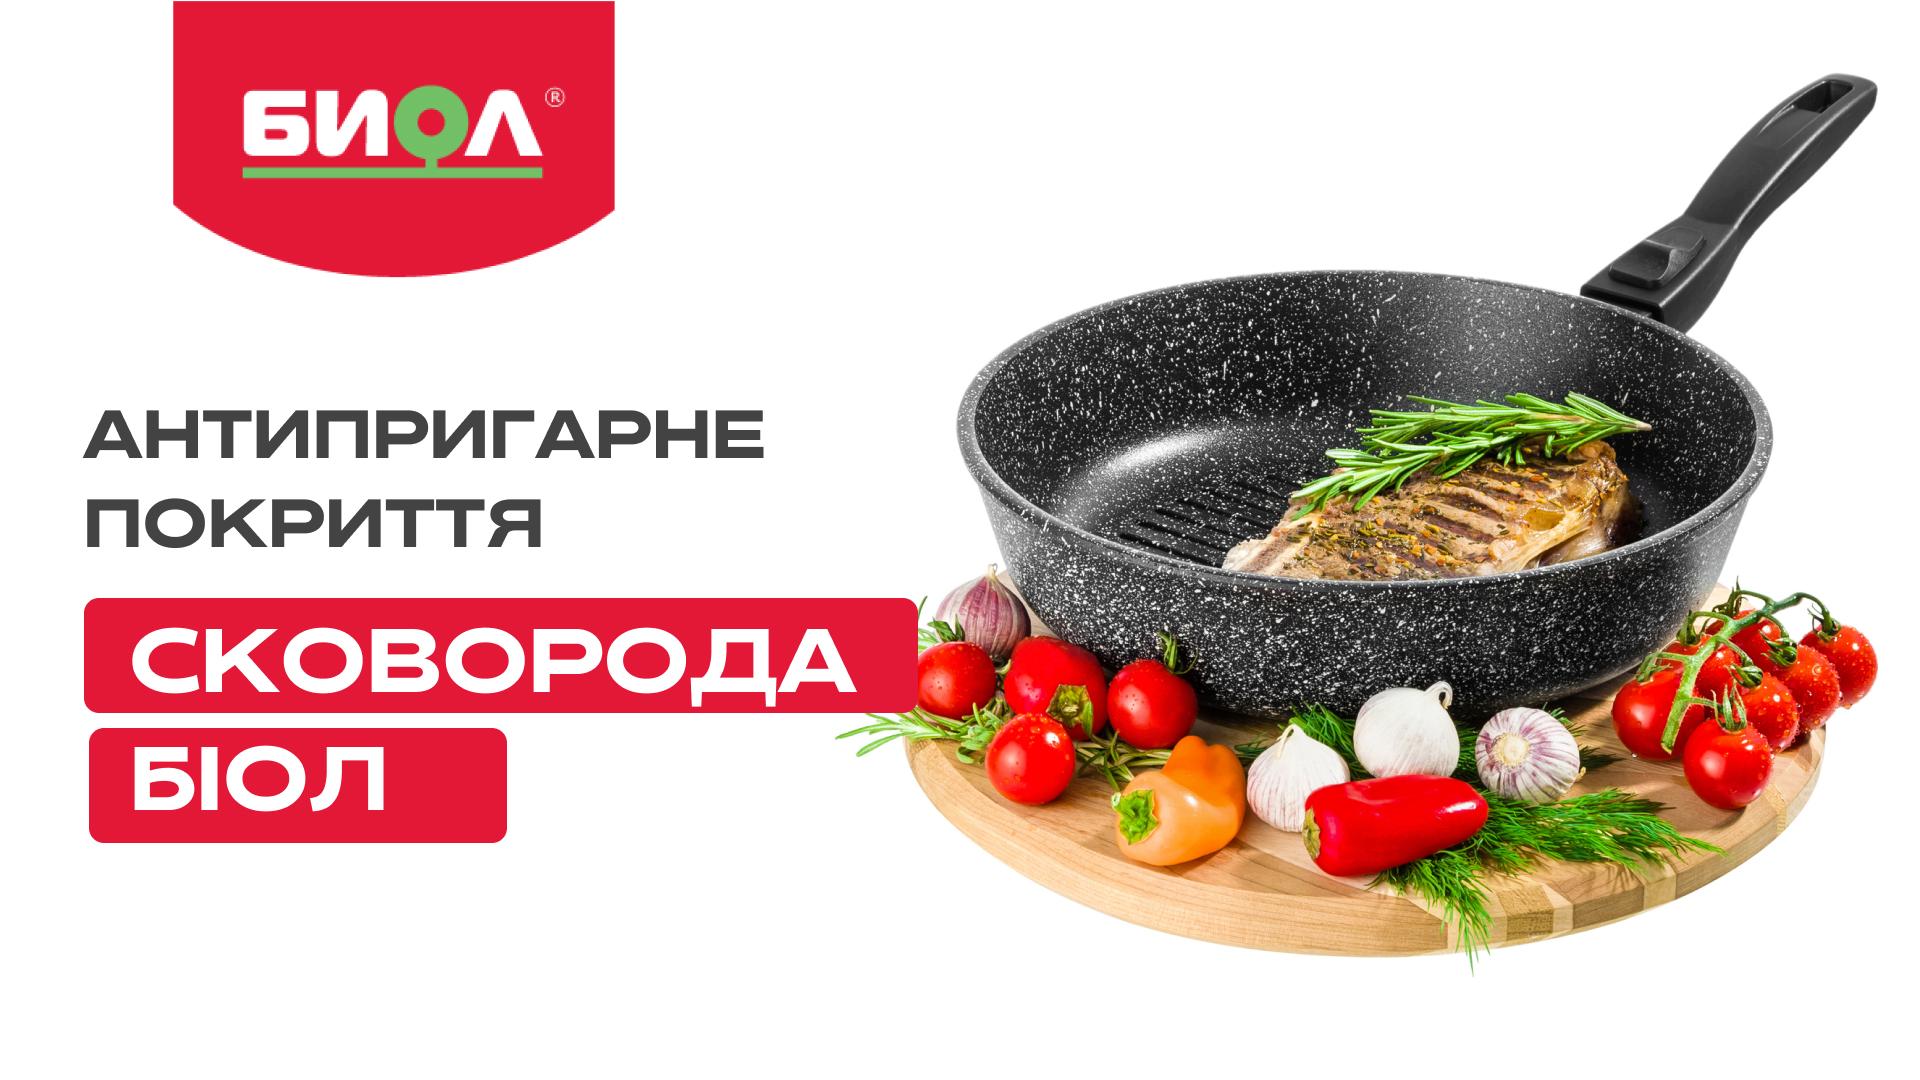 Сковородки Биол с антипригарным покрытием